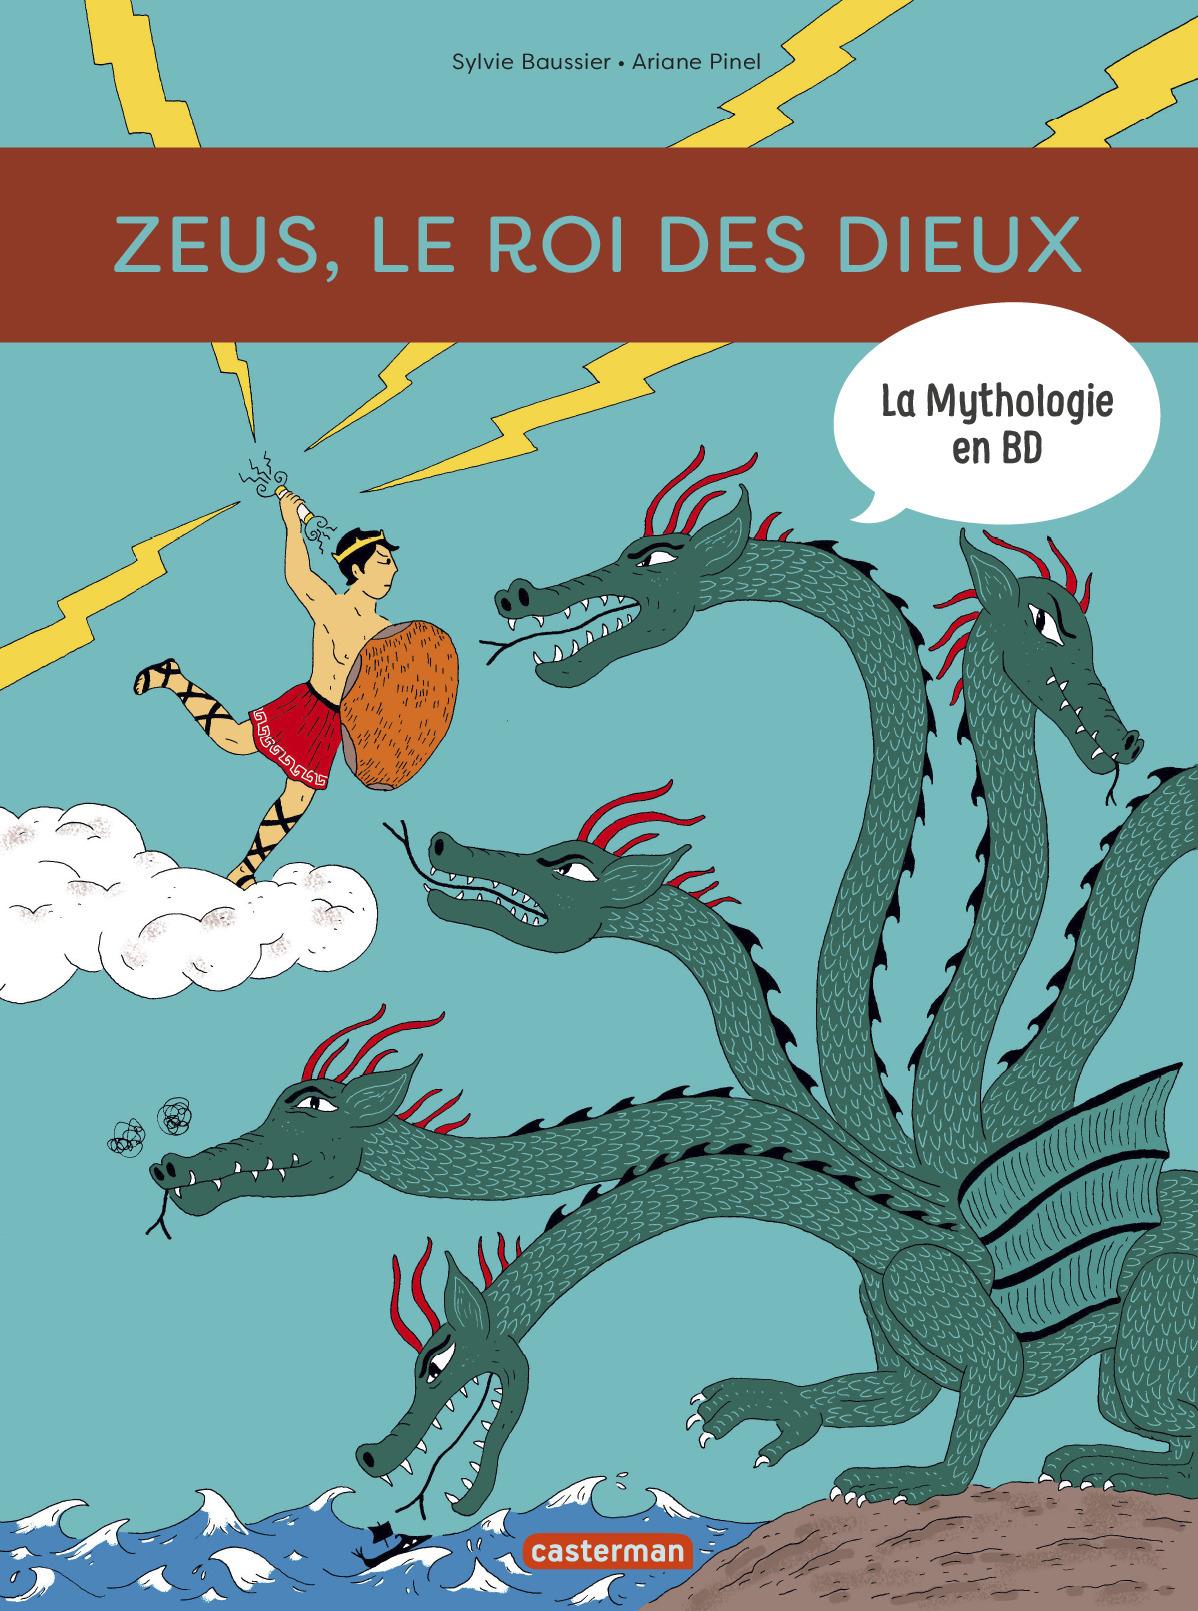 ZEUS, LE ROI DES DIEUX